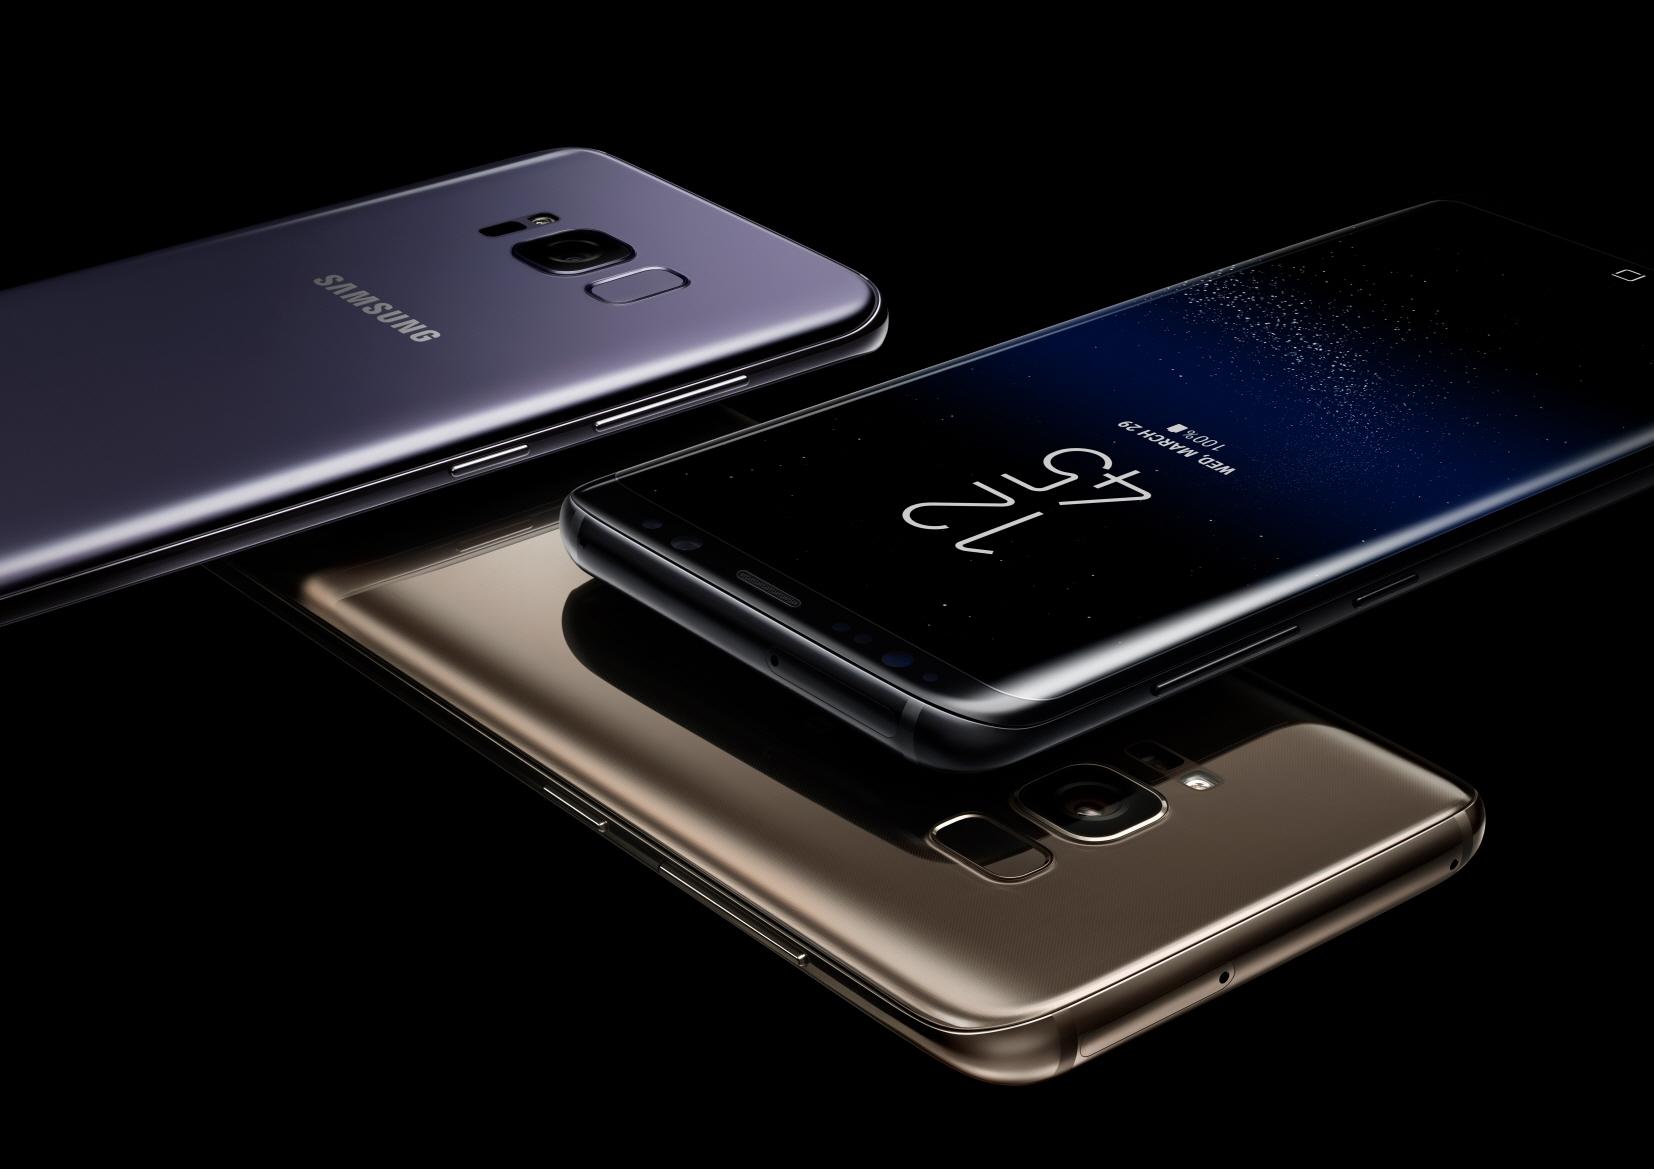 Samsung reste numéro 1 incontesté des smartphones au troisième trimestre